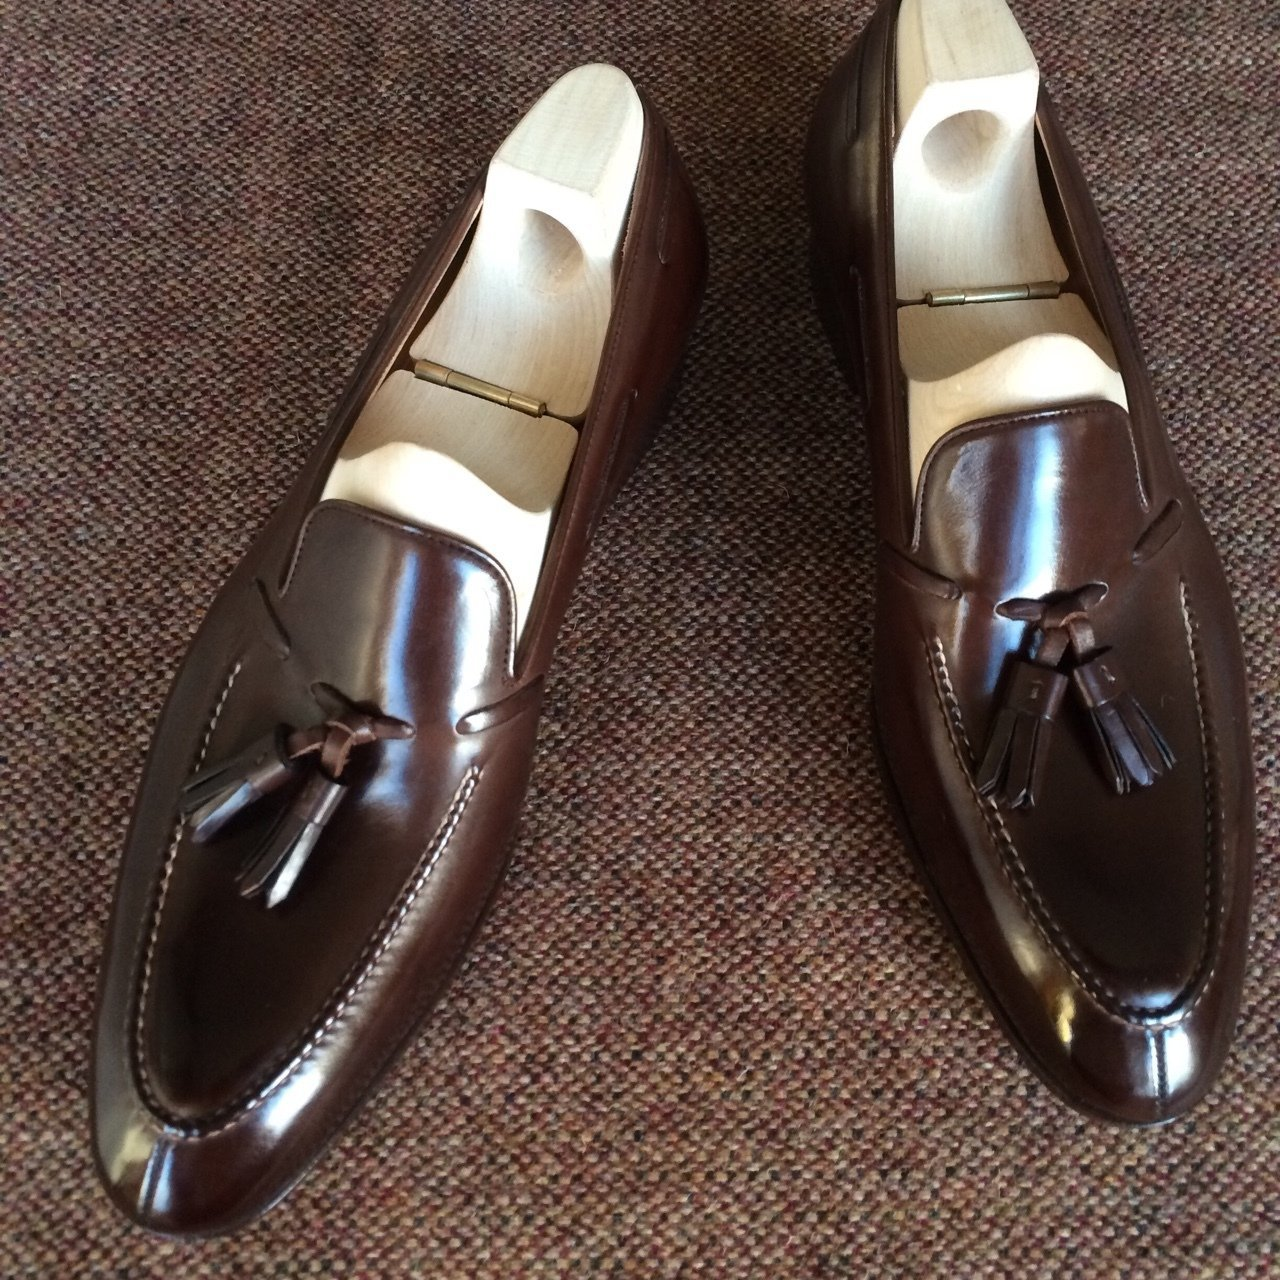 الرجال بو أحذية من الجلد حذاء كاجوال فستان أحذية البروغ أحذية الربيع حذاء من الجلد خمر الكلاسيكية الذكور عادية HA067